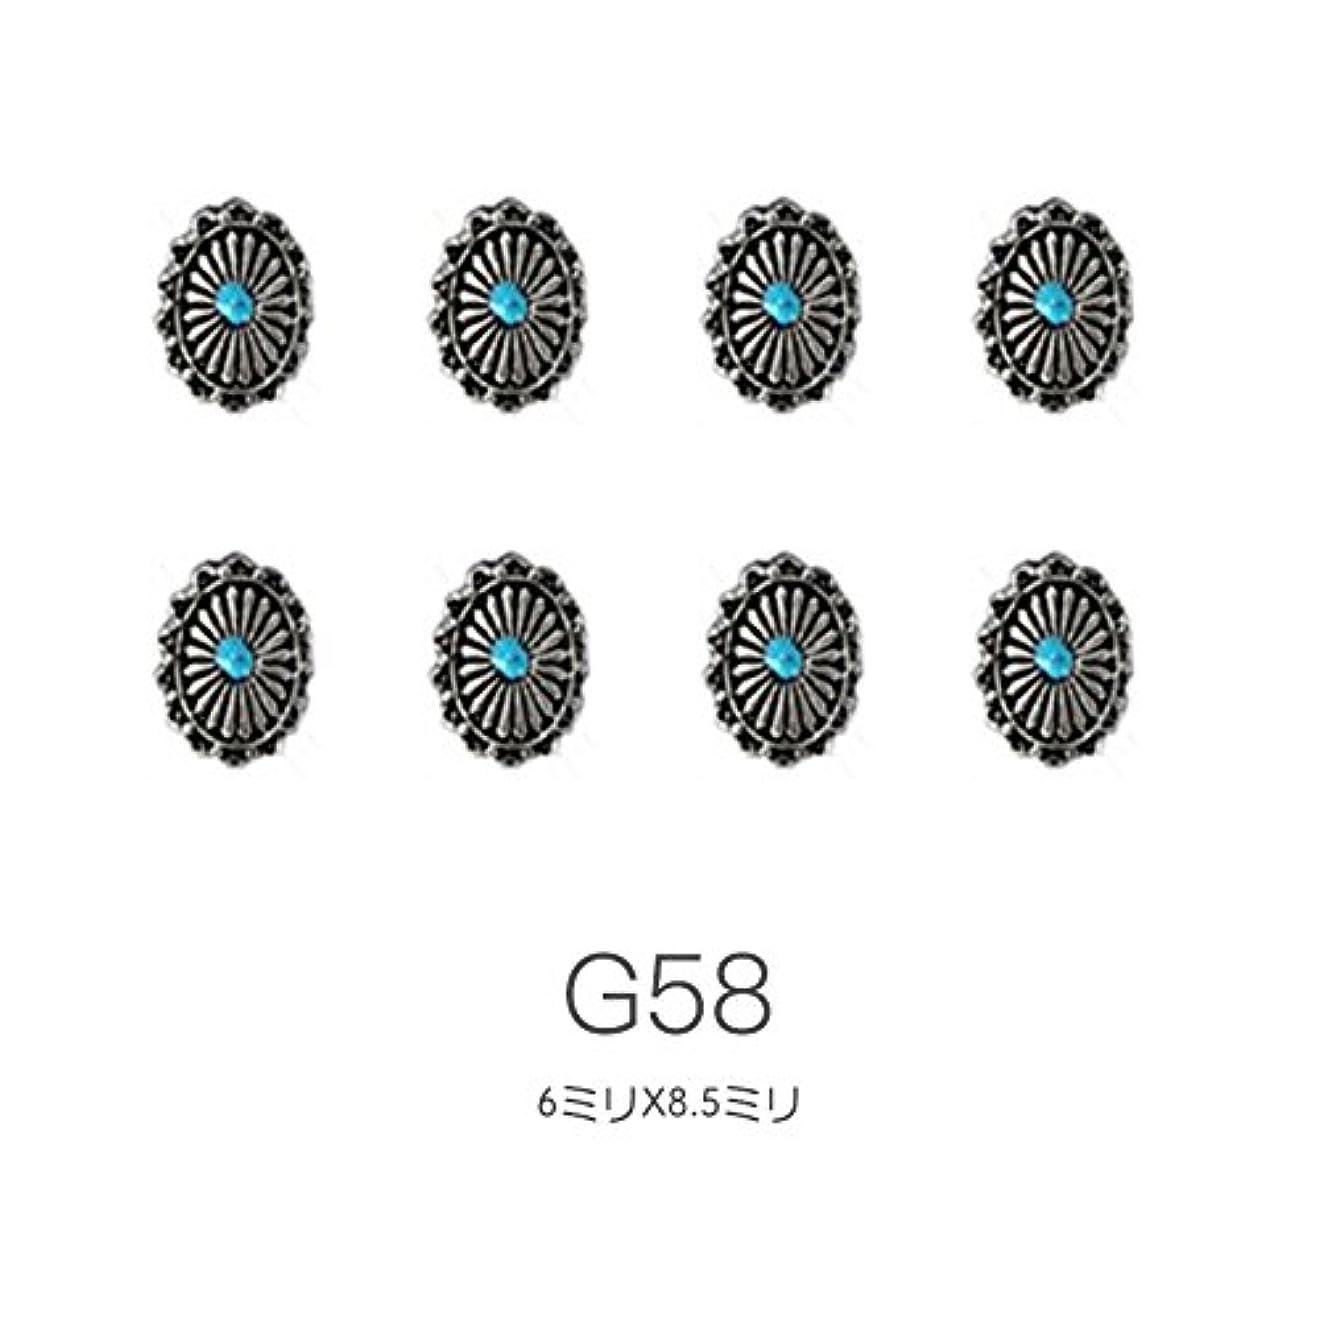 だらしない異議補助G58(6ミリ×8.5ミリ) シルバー 8個入り メタルパーツ コンチョ ターコイズ風 ゴールド シルバー ネイルパーツ スタッズ ネイル用品 GOLD SILVER アートパーツ アートパーツ デコ素材